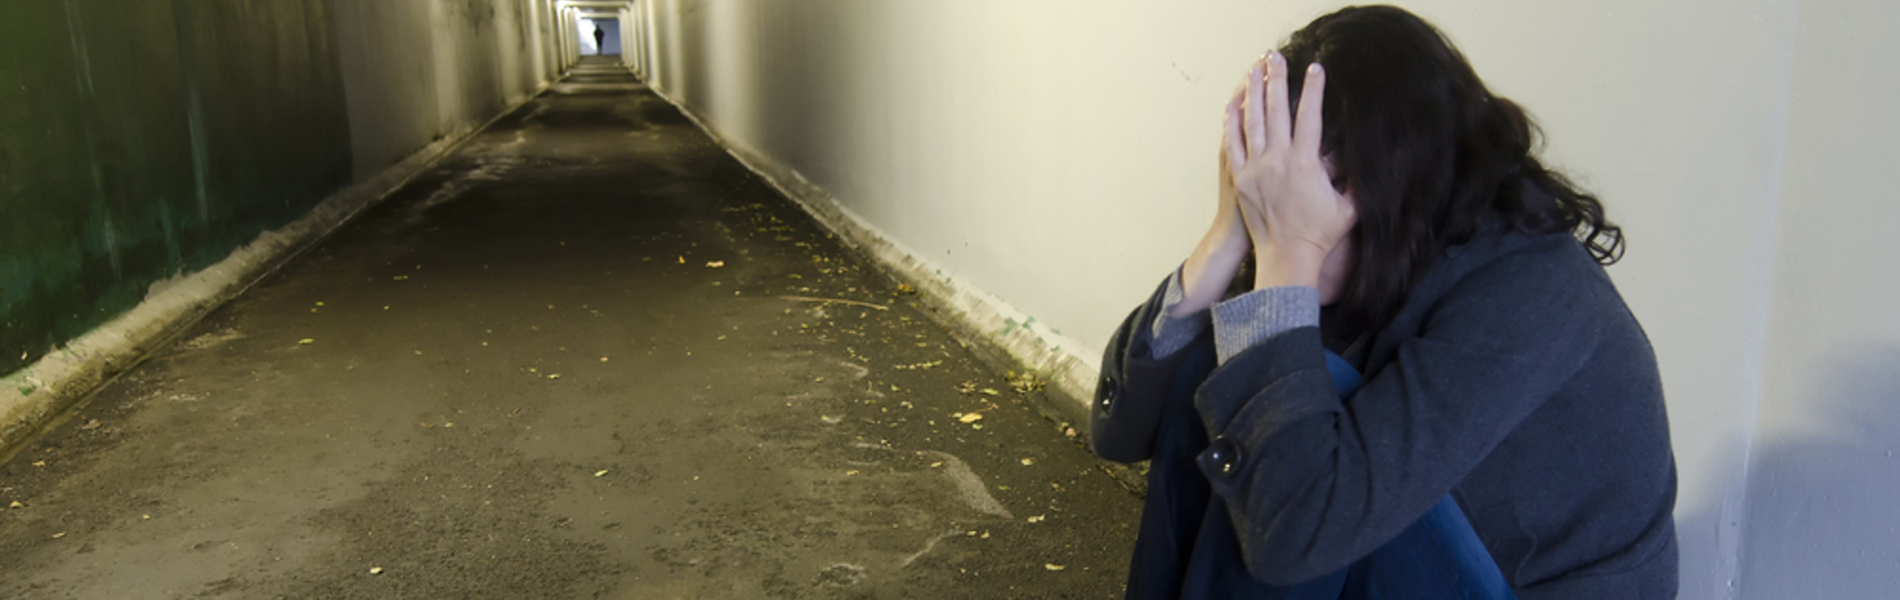 ילדה נאנסה על ידי ילדים ונערים אך עורך דינם מסרב לשלם לה פיצויים כי 'גם ככה היא נכה'